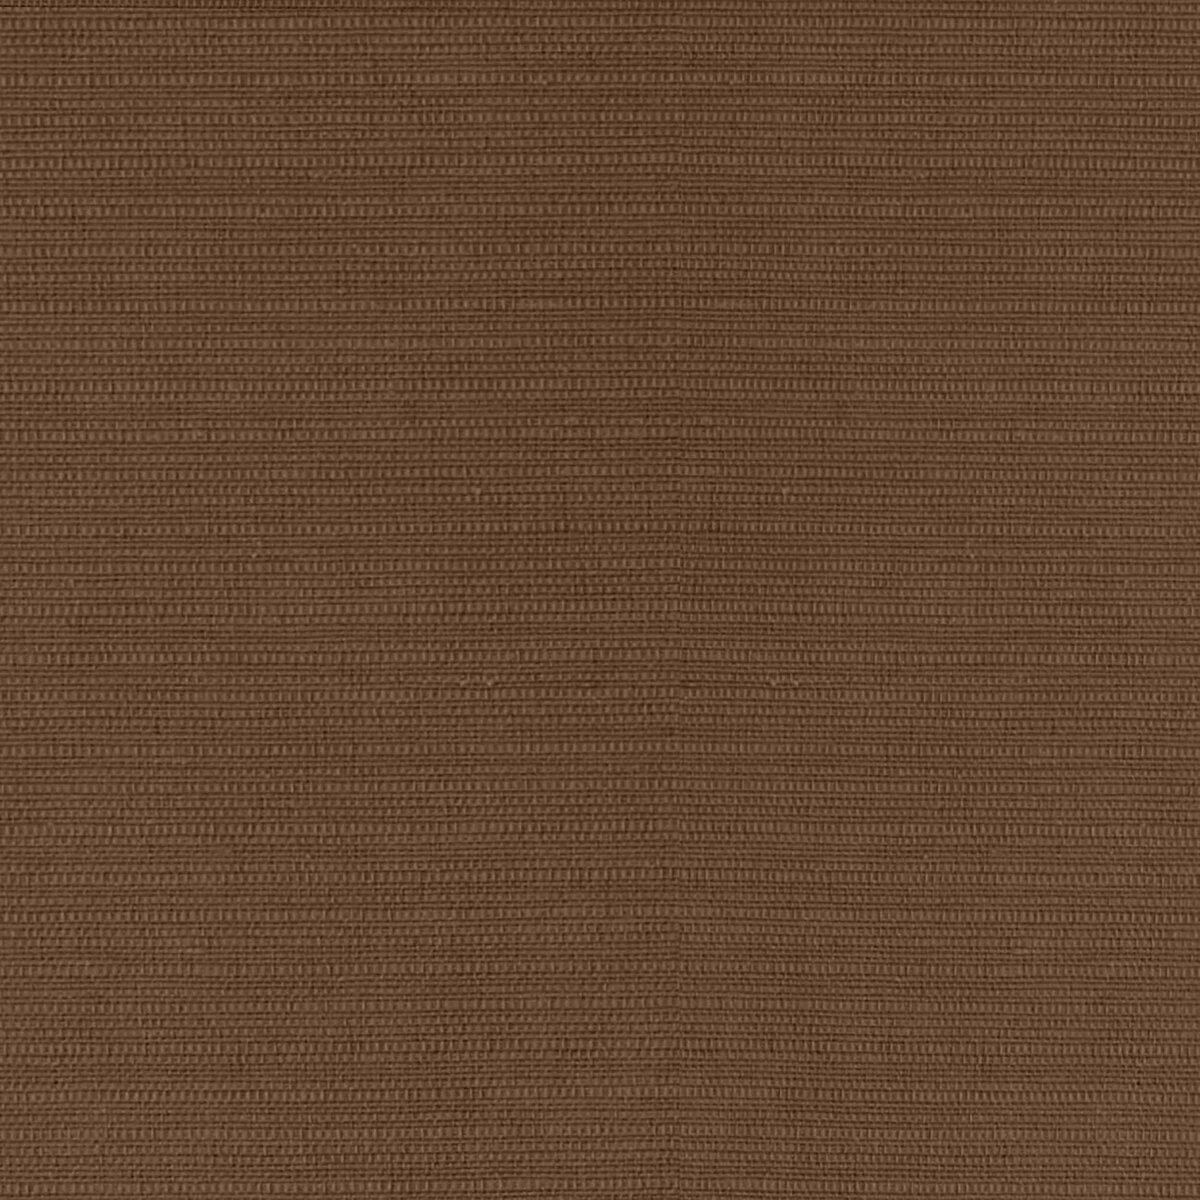 Bild 3 von Stuhlkissen   Unico 50 x 50 cm, sand